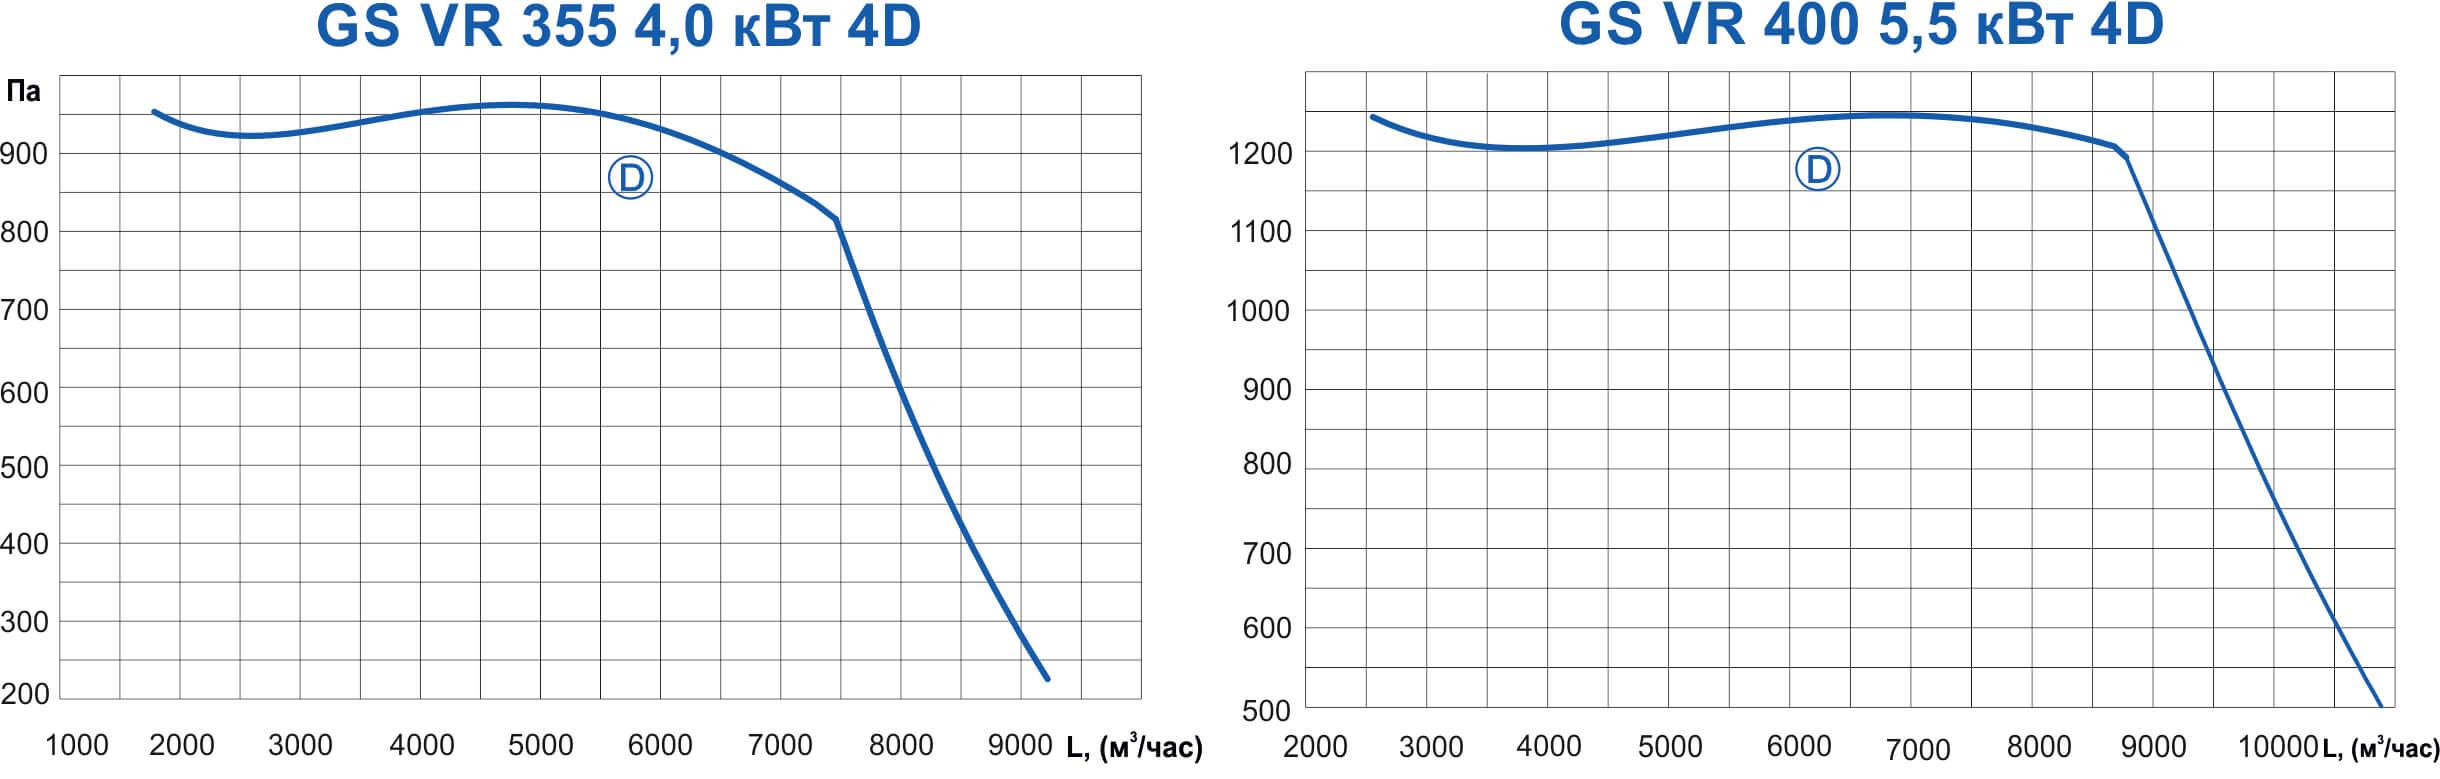 Графики работы вентиляторов GS VR